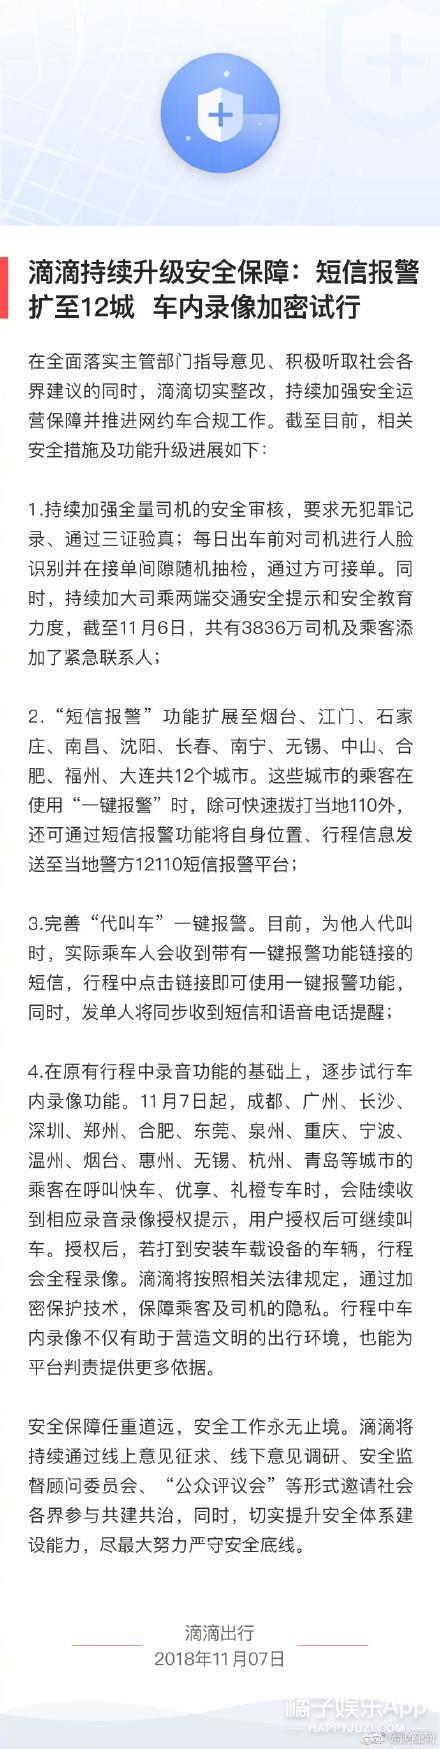 A妹经纪人发长文向吴亦凡道歉 吴佩慈否认纪晓波被抓